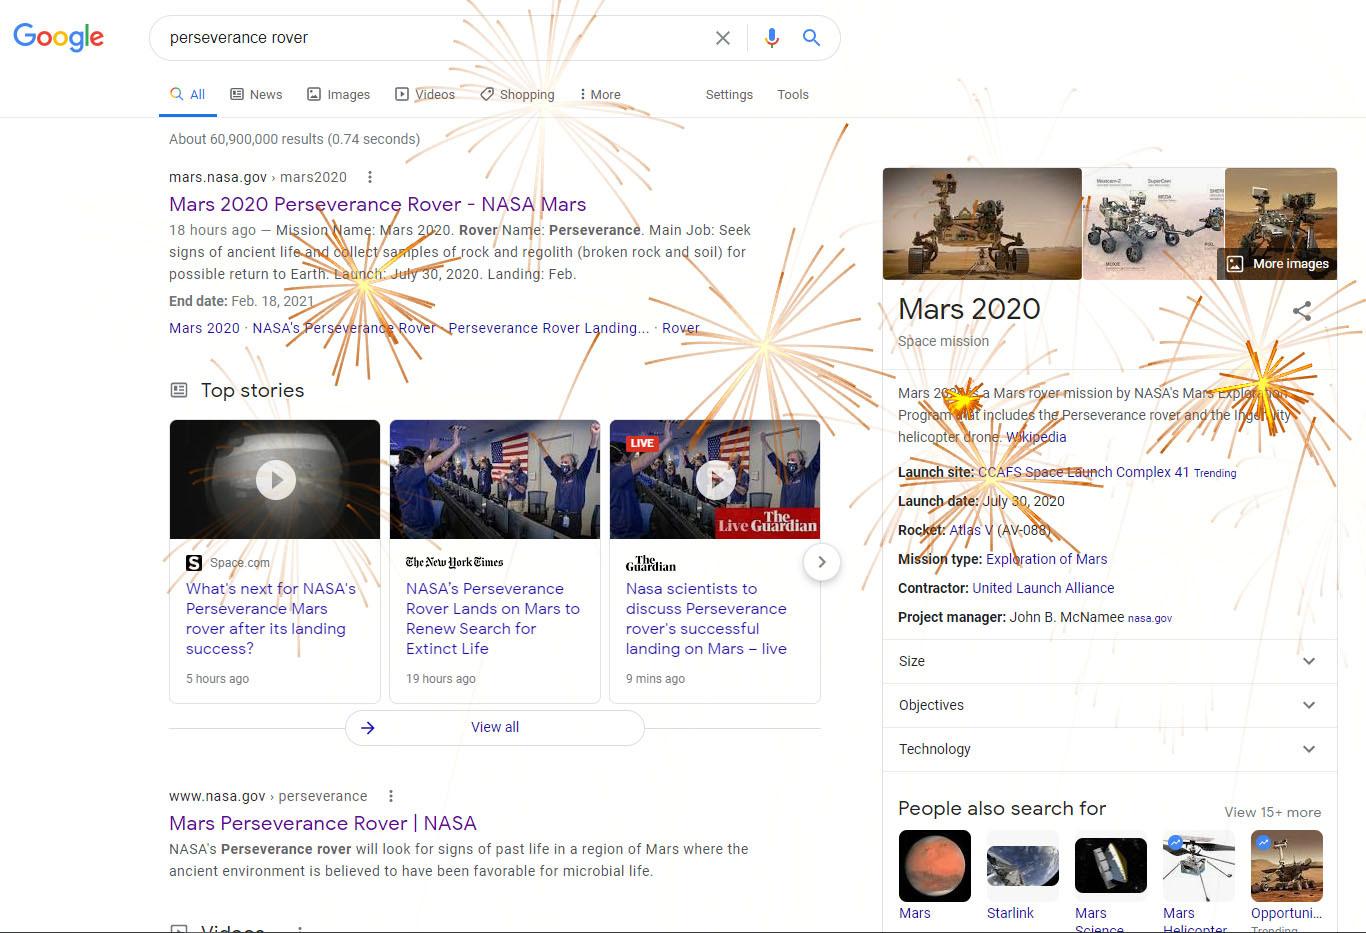 Des feux d'artifice rouges tachent la page lorsque vous Google